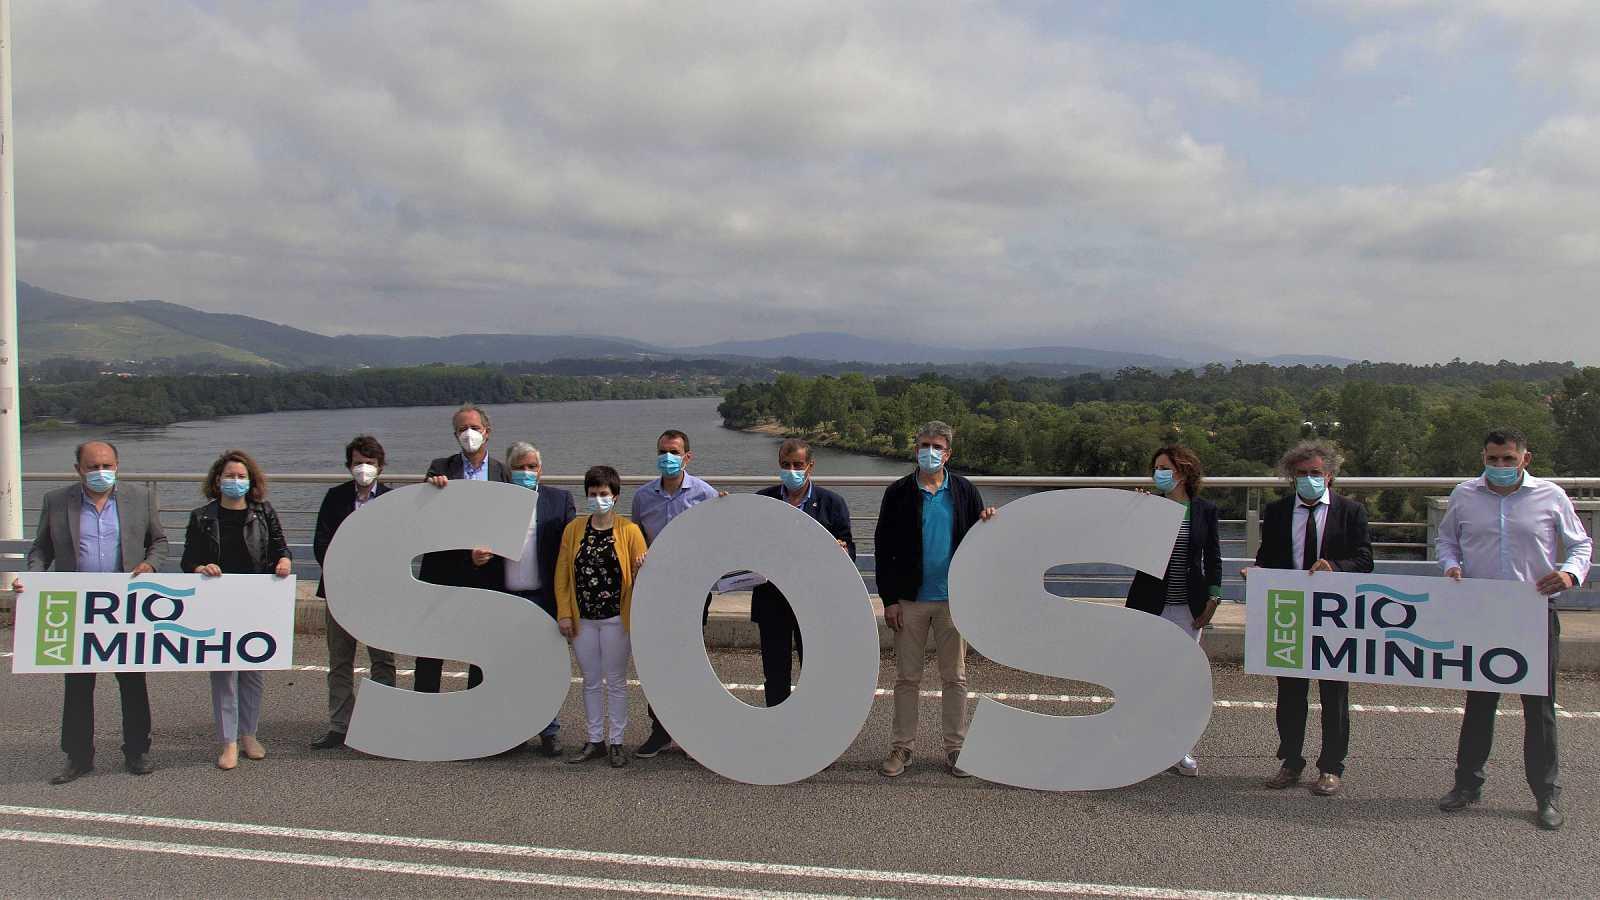 Los alcaldes de la frontera del río Miño piden la apertura de más puentes